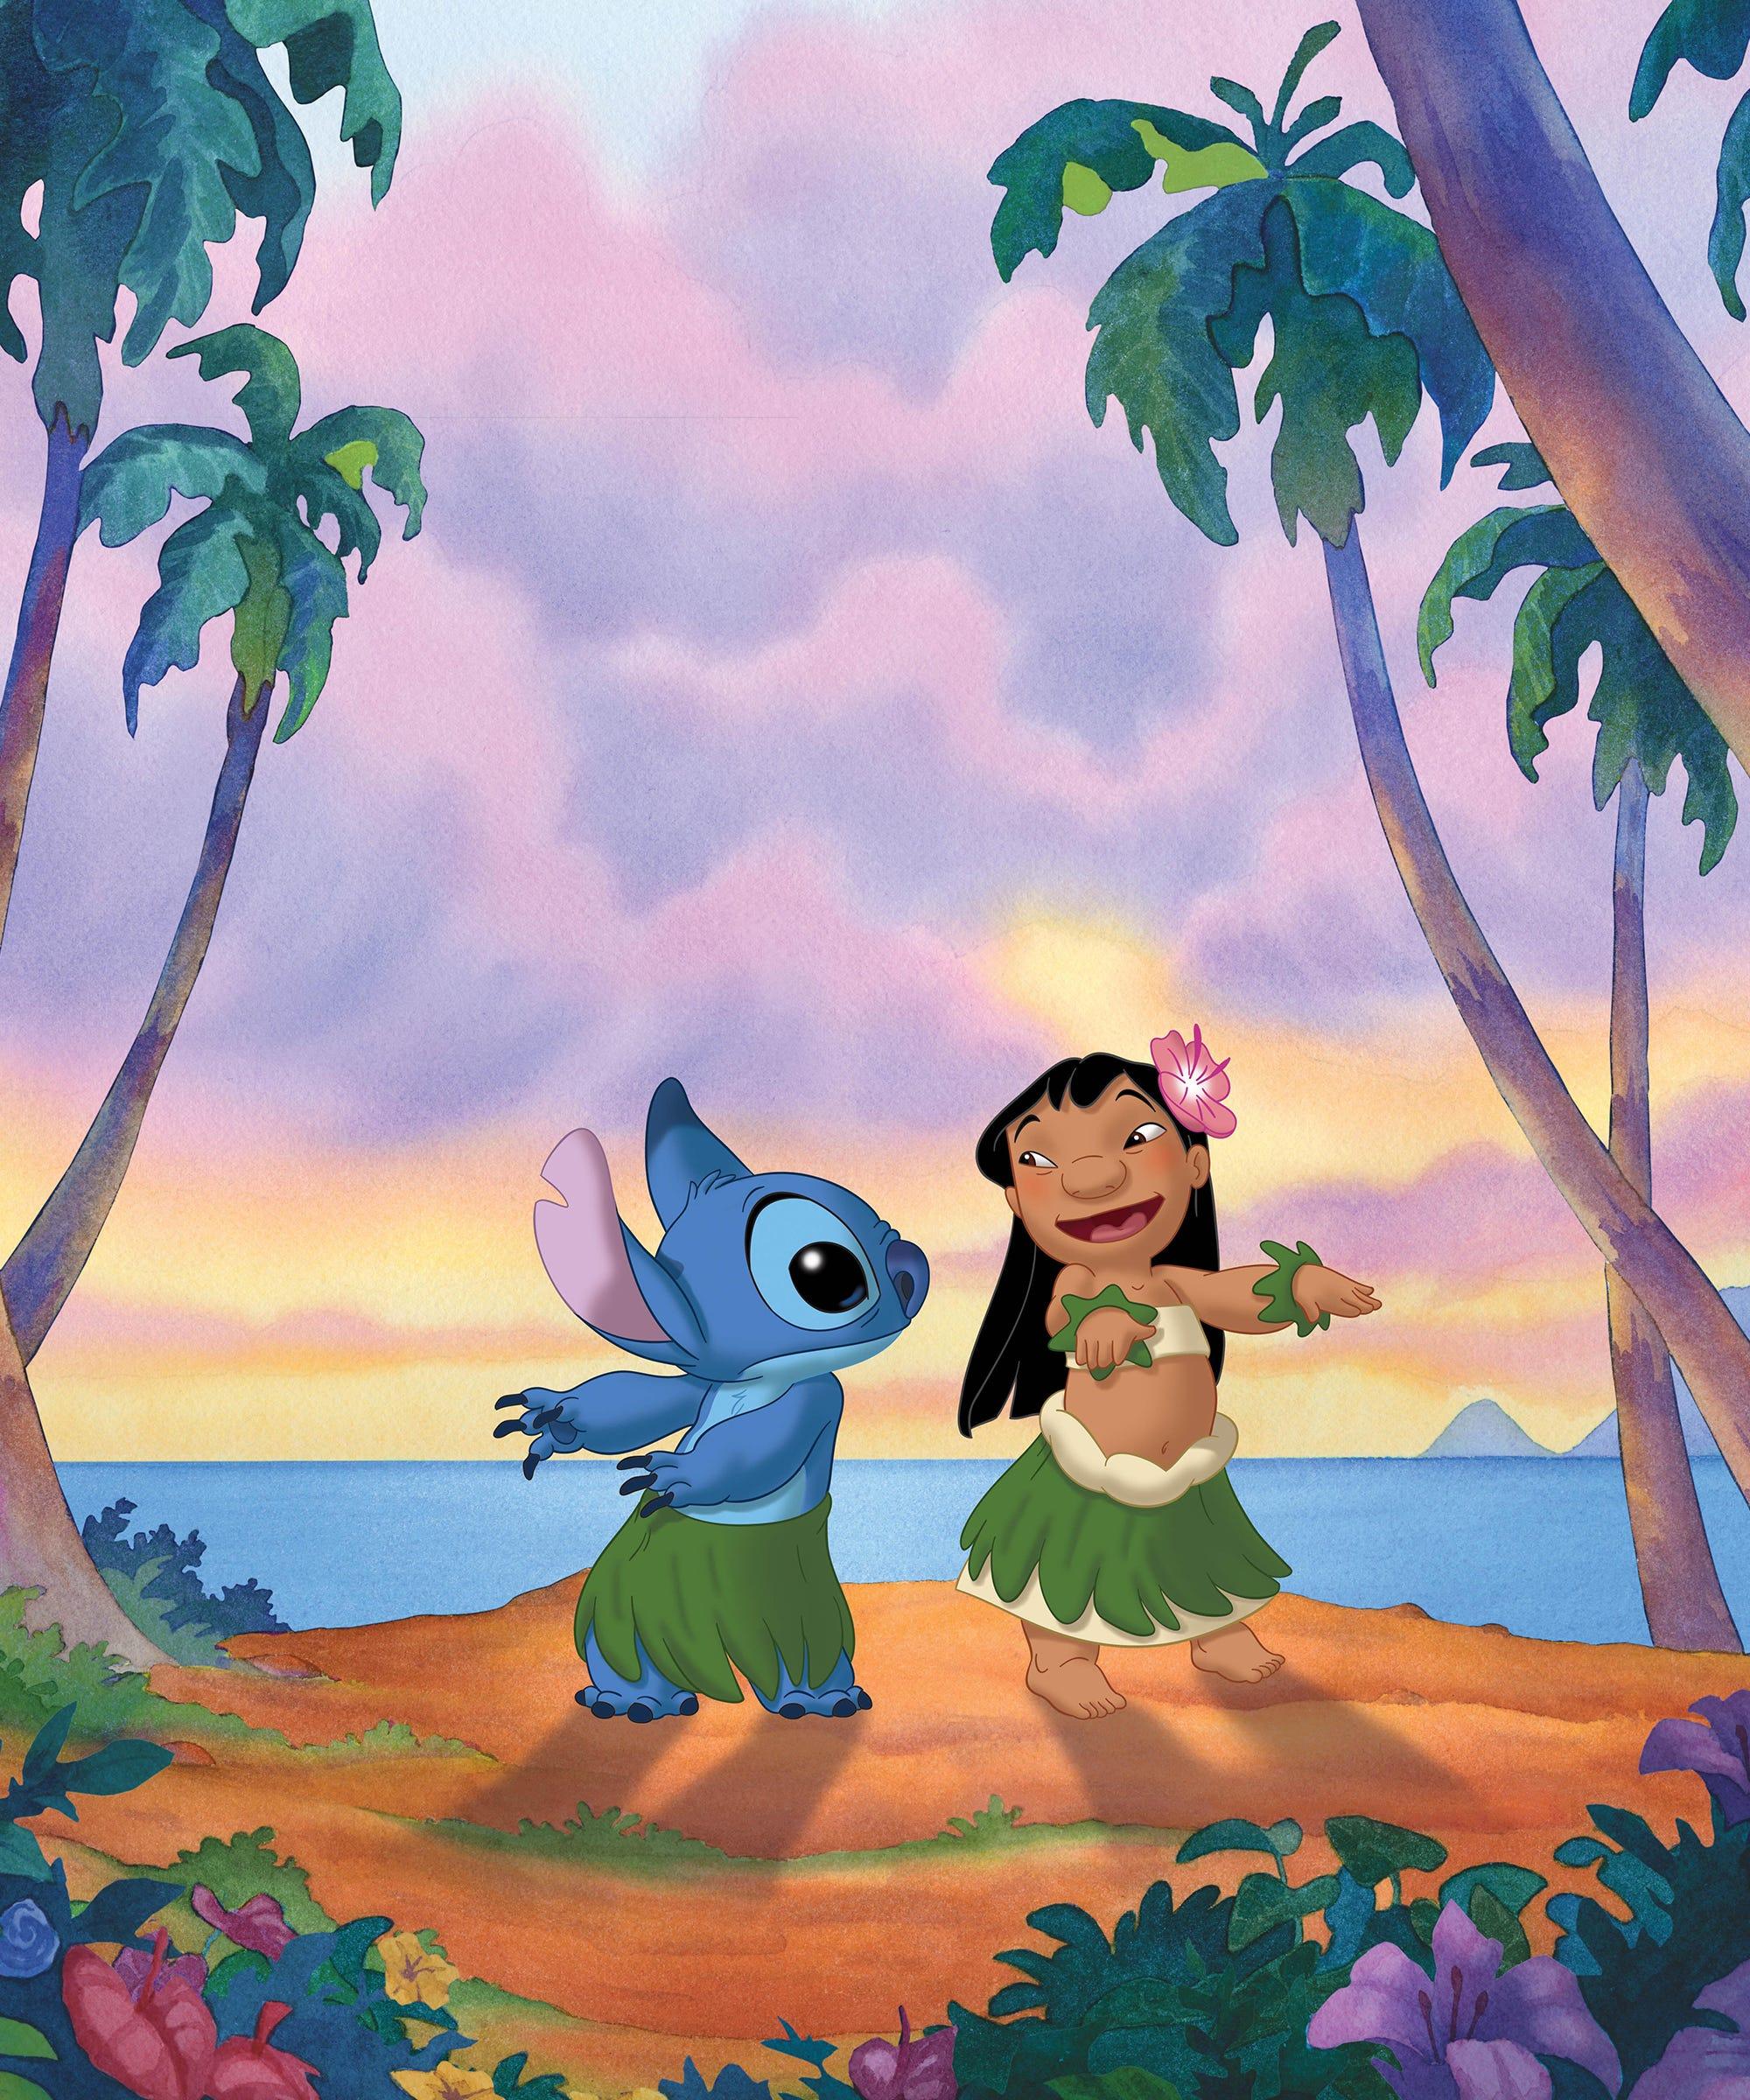 Lilo Stitch Reunite In Live Action Disney Movie